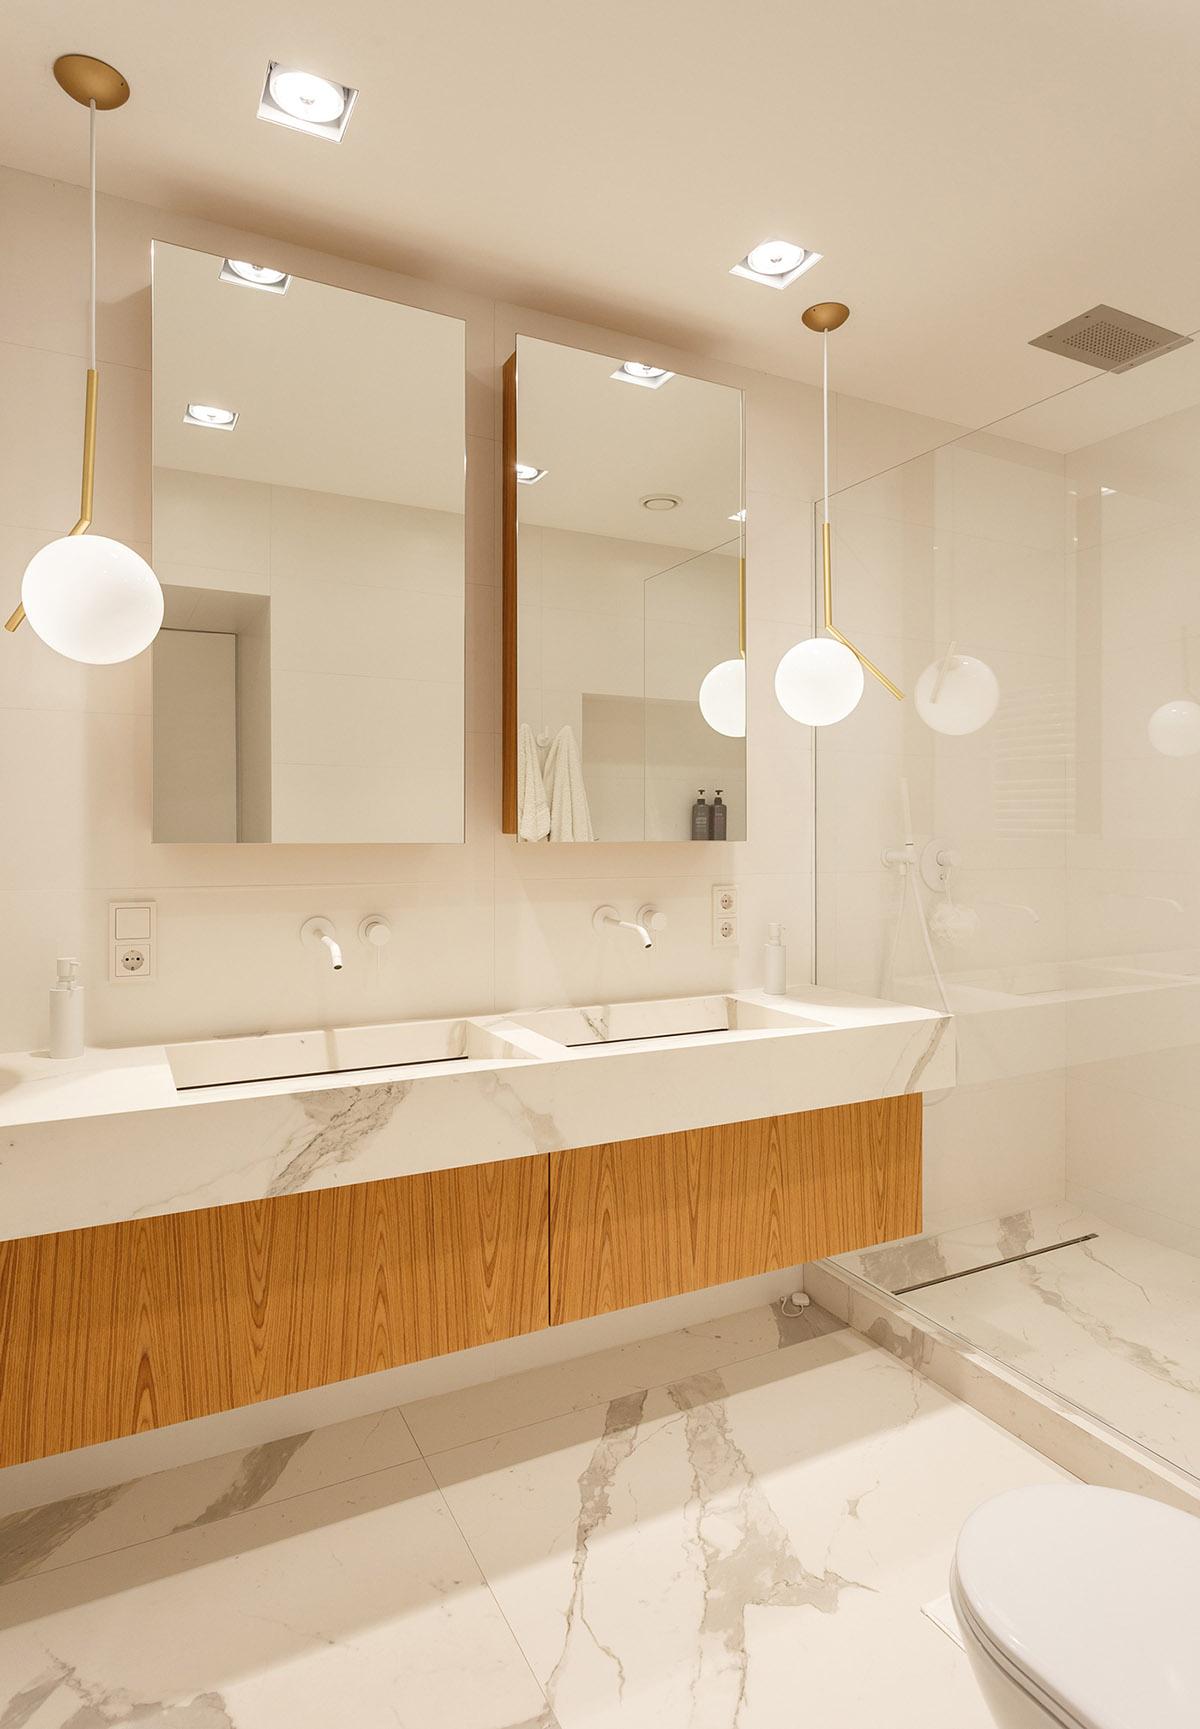 Hình ảnh phòng vệ sinh màu trắng chủ đạo được ốp lát đá cẩm thạch, sử dụng gương lướn, đèn thả mặt dây chuyền hình tròn bắt mắt.